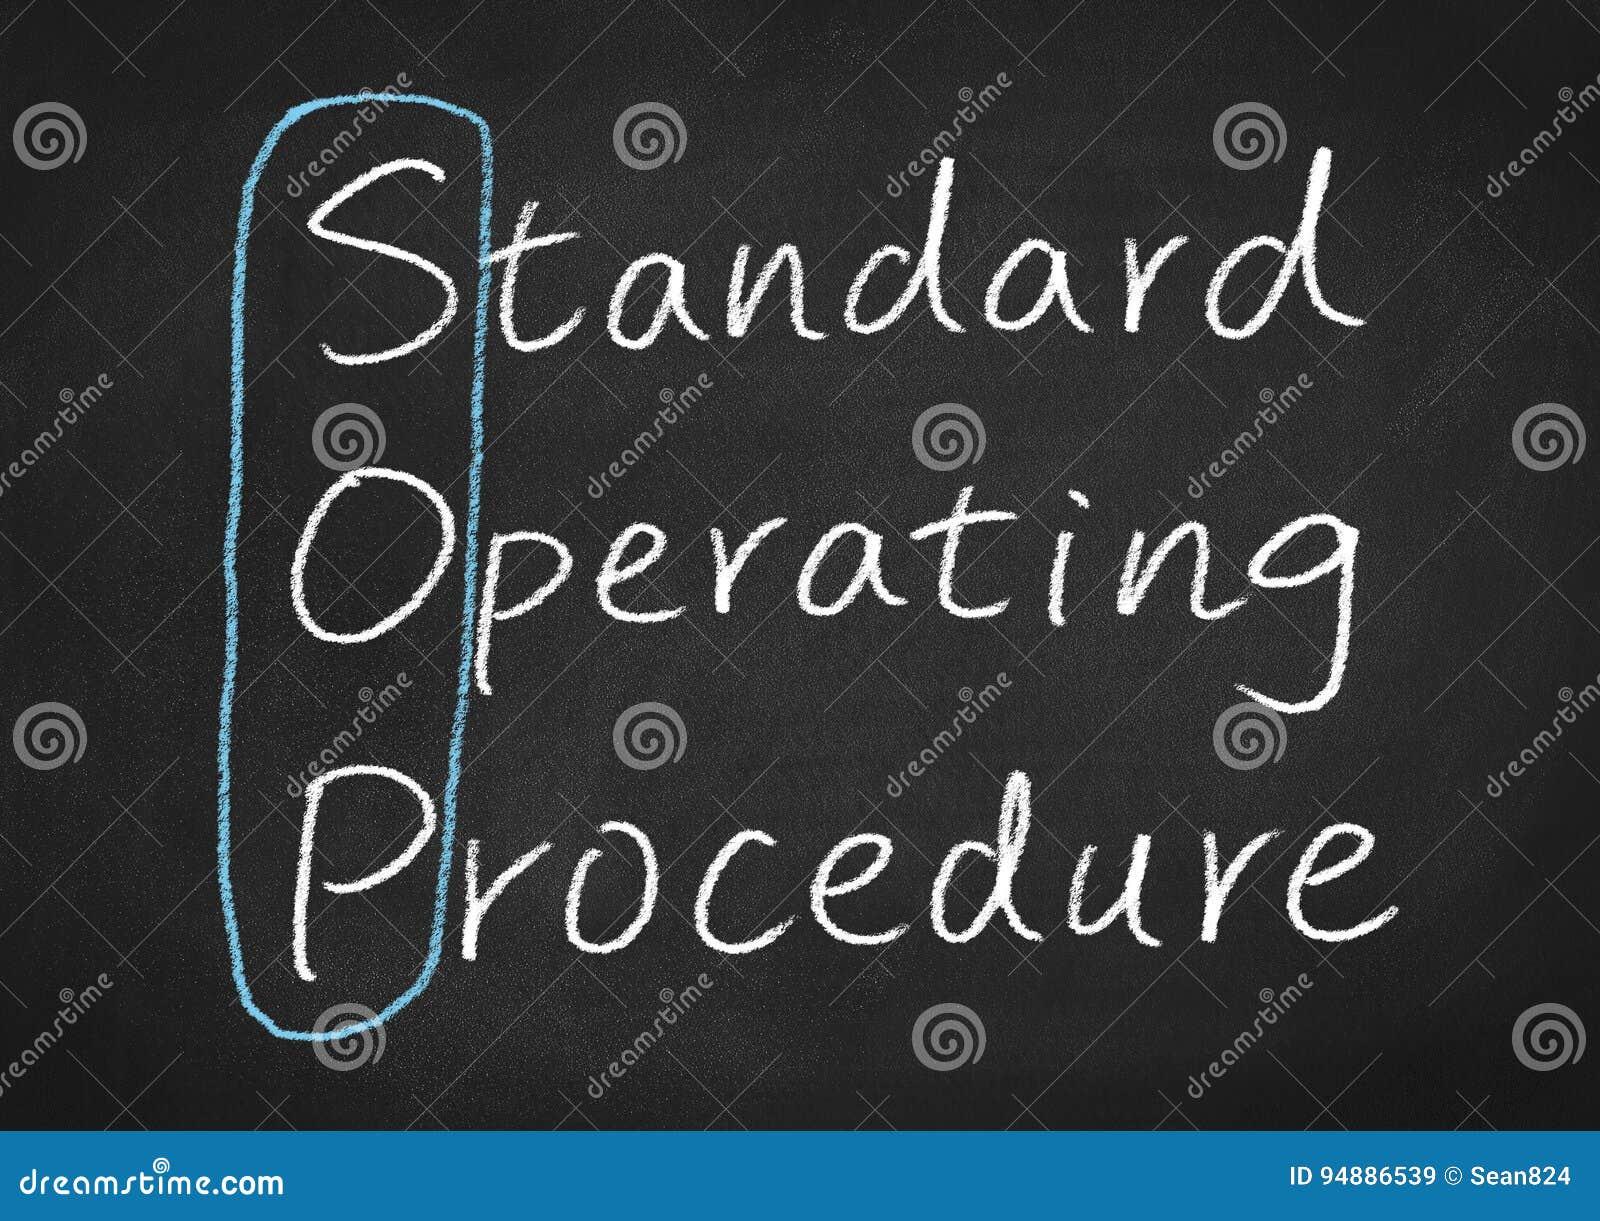 Sop standaard gebruiksprocedure